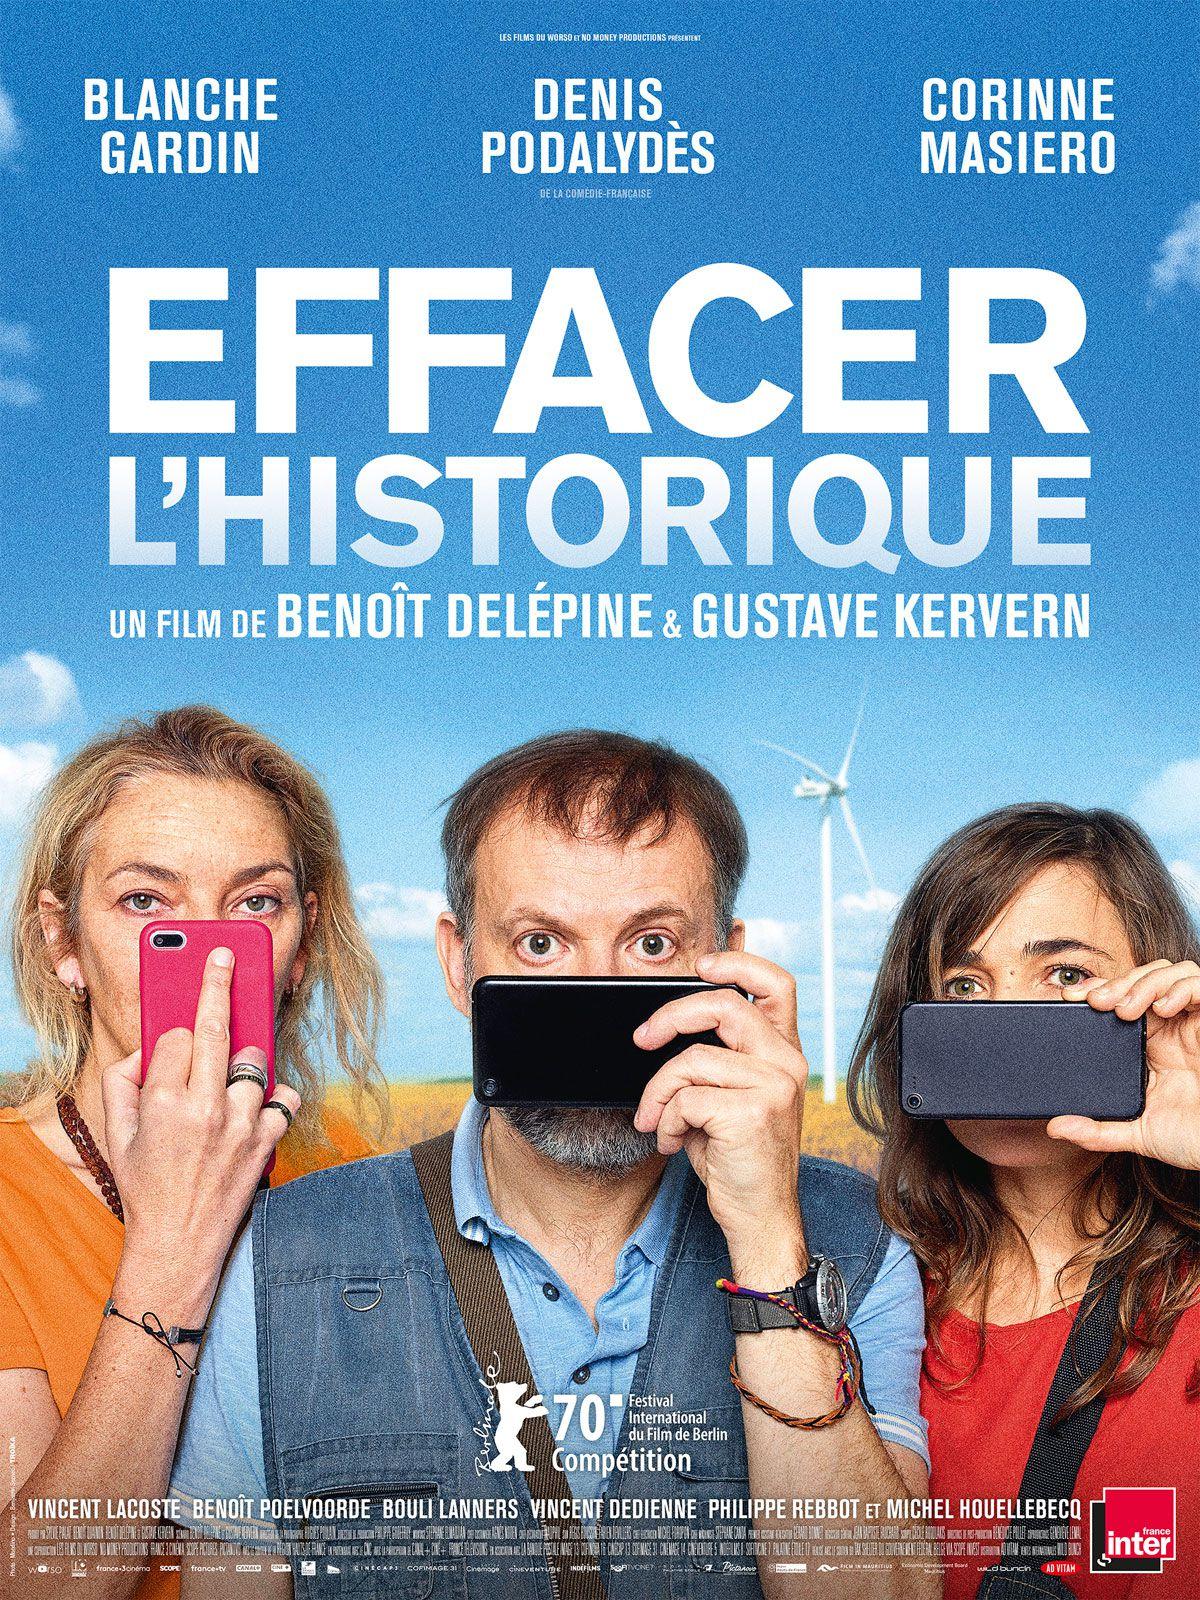 Cinéma, film, Effacer l'historique, Blanche Gardin, avis, blog, chronique